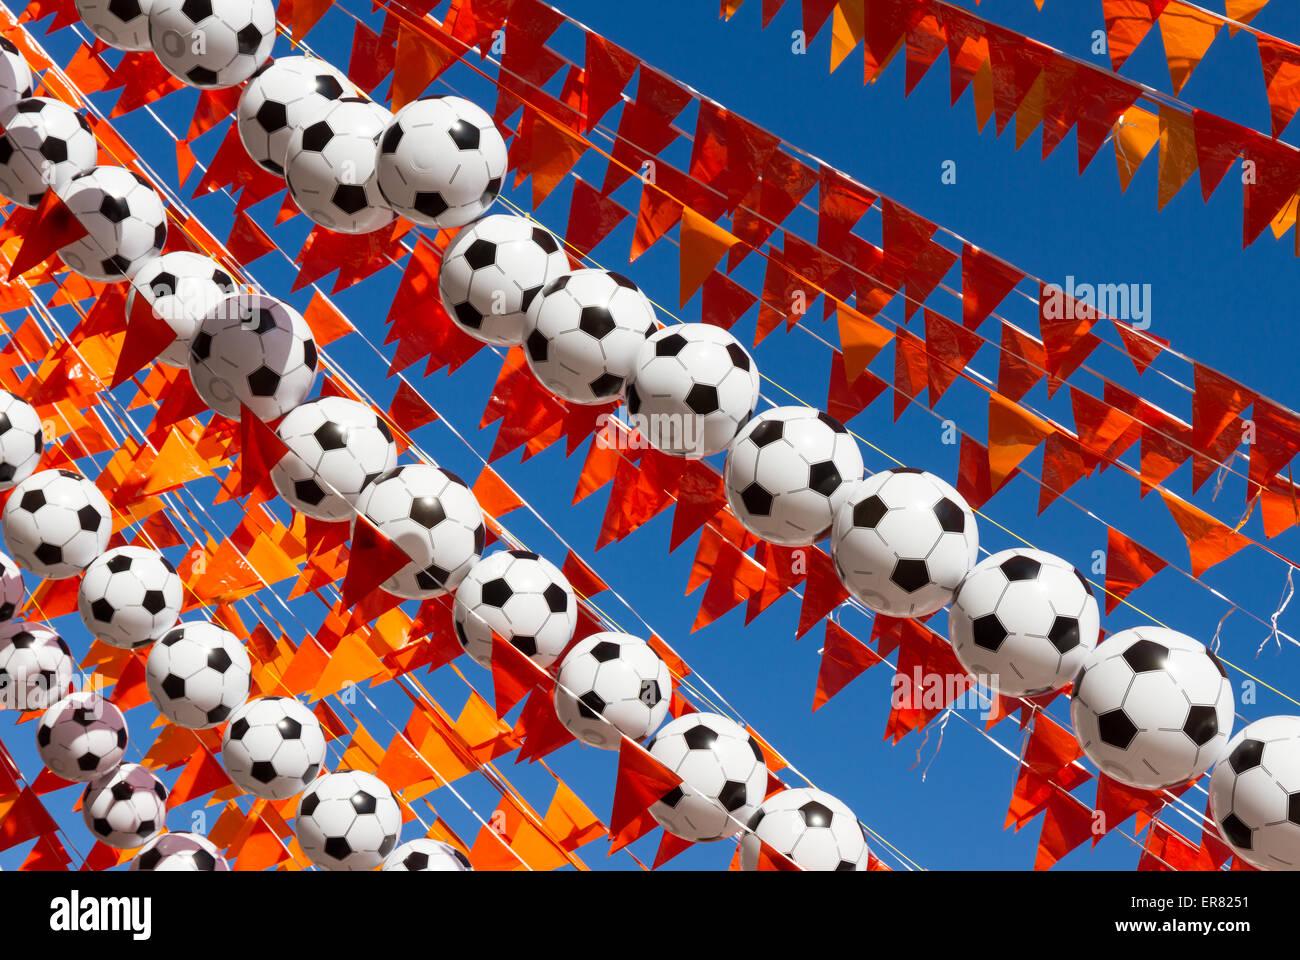 Drapeaux Orange (néerlandais) et de ballons de couleur nationale contre un ciel bleu clair, pendant la coupe du monde de football 2014. Banque D'Images